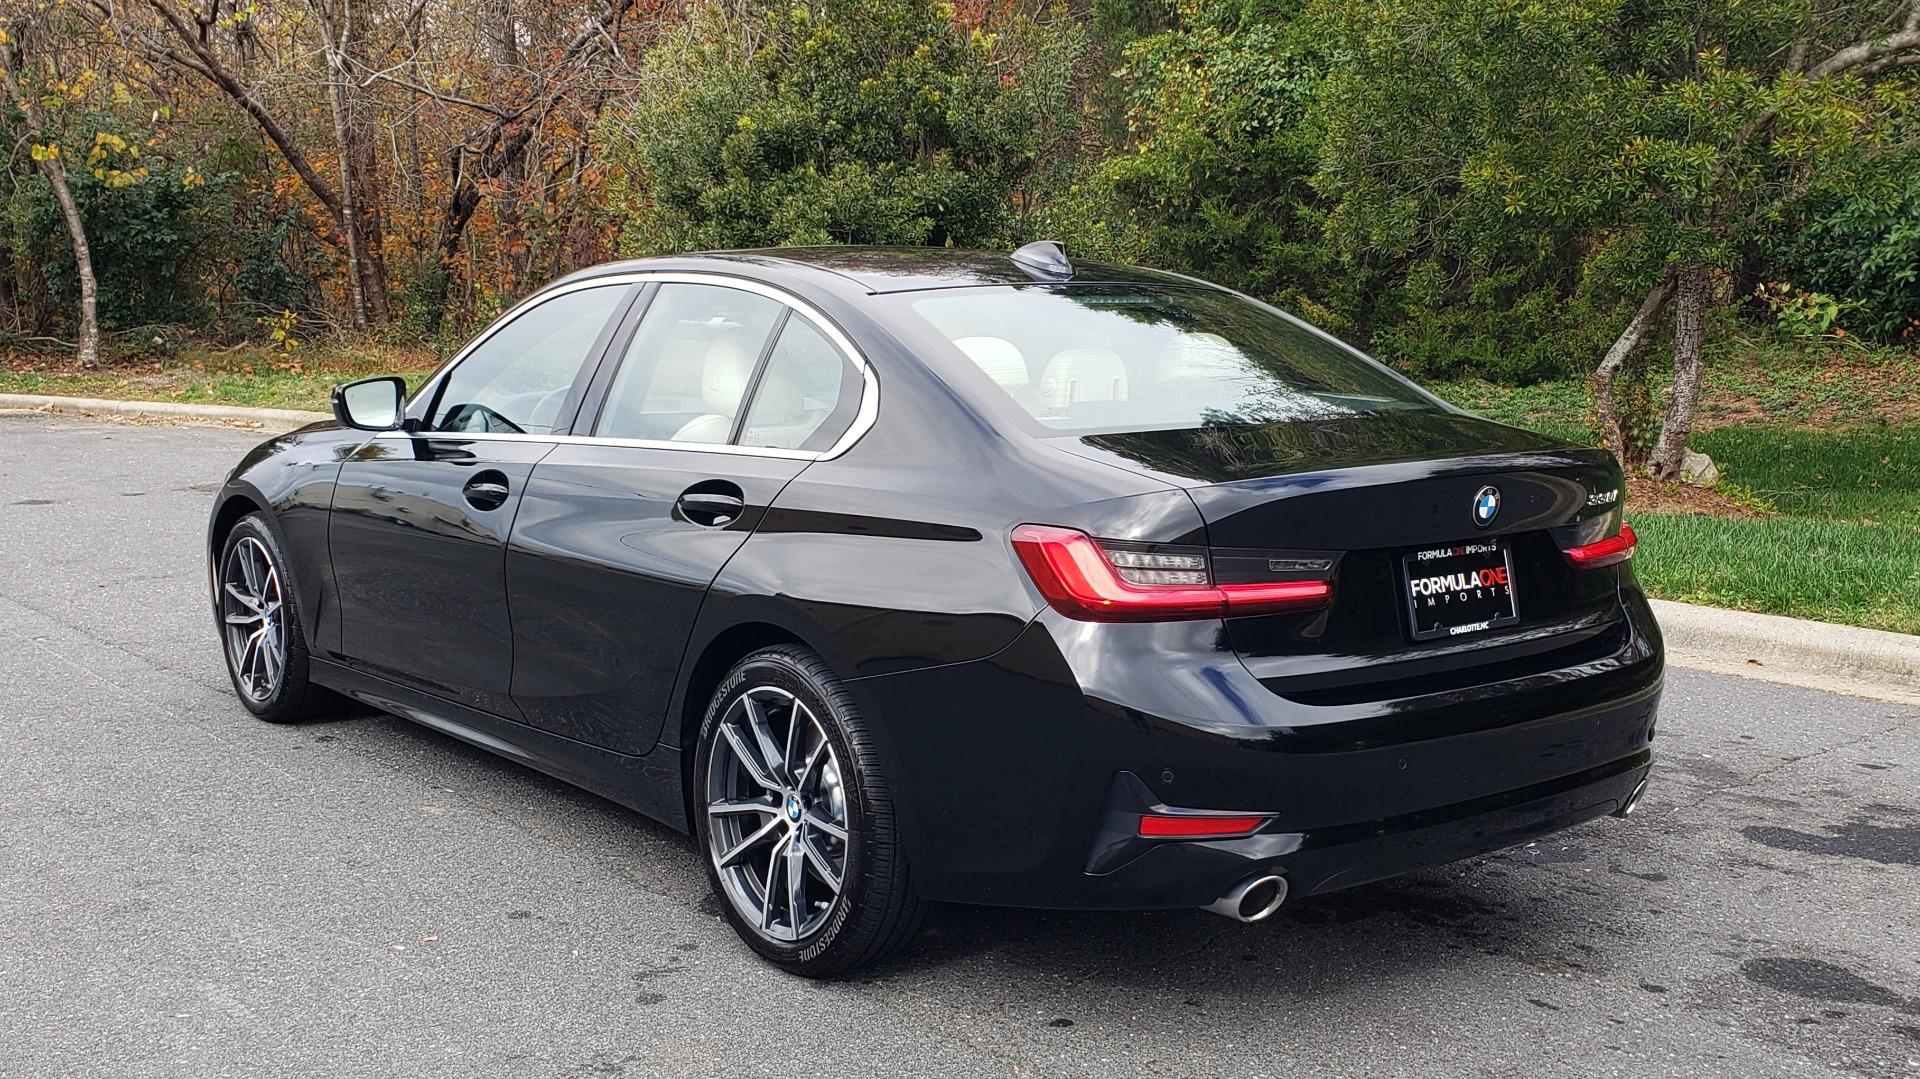 Used 2019 BMW 3 SERIES 330I PREM PKG / NAV / CONV PKG / H&K SND / LIVE COCKPIT PRO for sale Sold at Formula Imports in Charlotte NC 28227 4